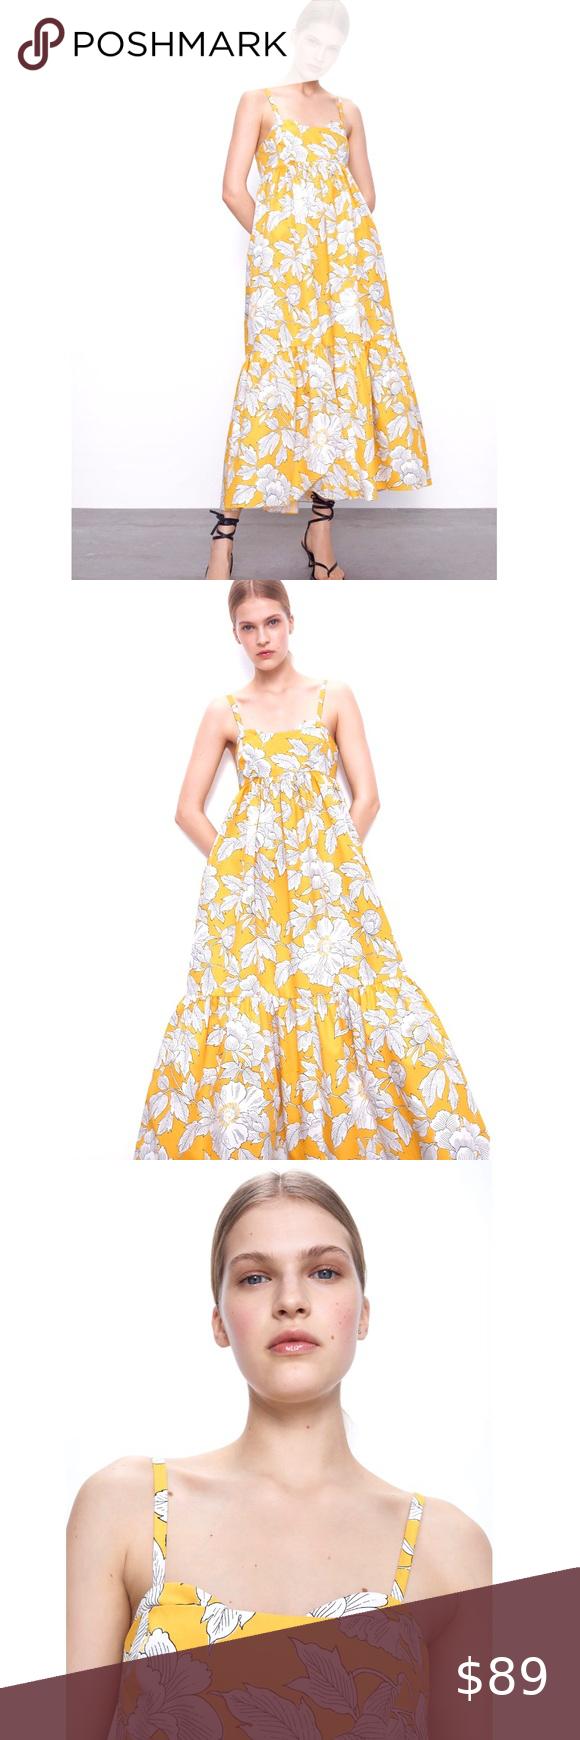 Nwt Zara Yellow White Floral Poplin Cotton Dress Flower Maxi Dress Cotton Dresses Dresses [ 1740 x 580 Pixel ]